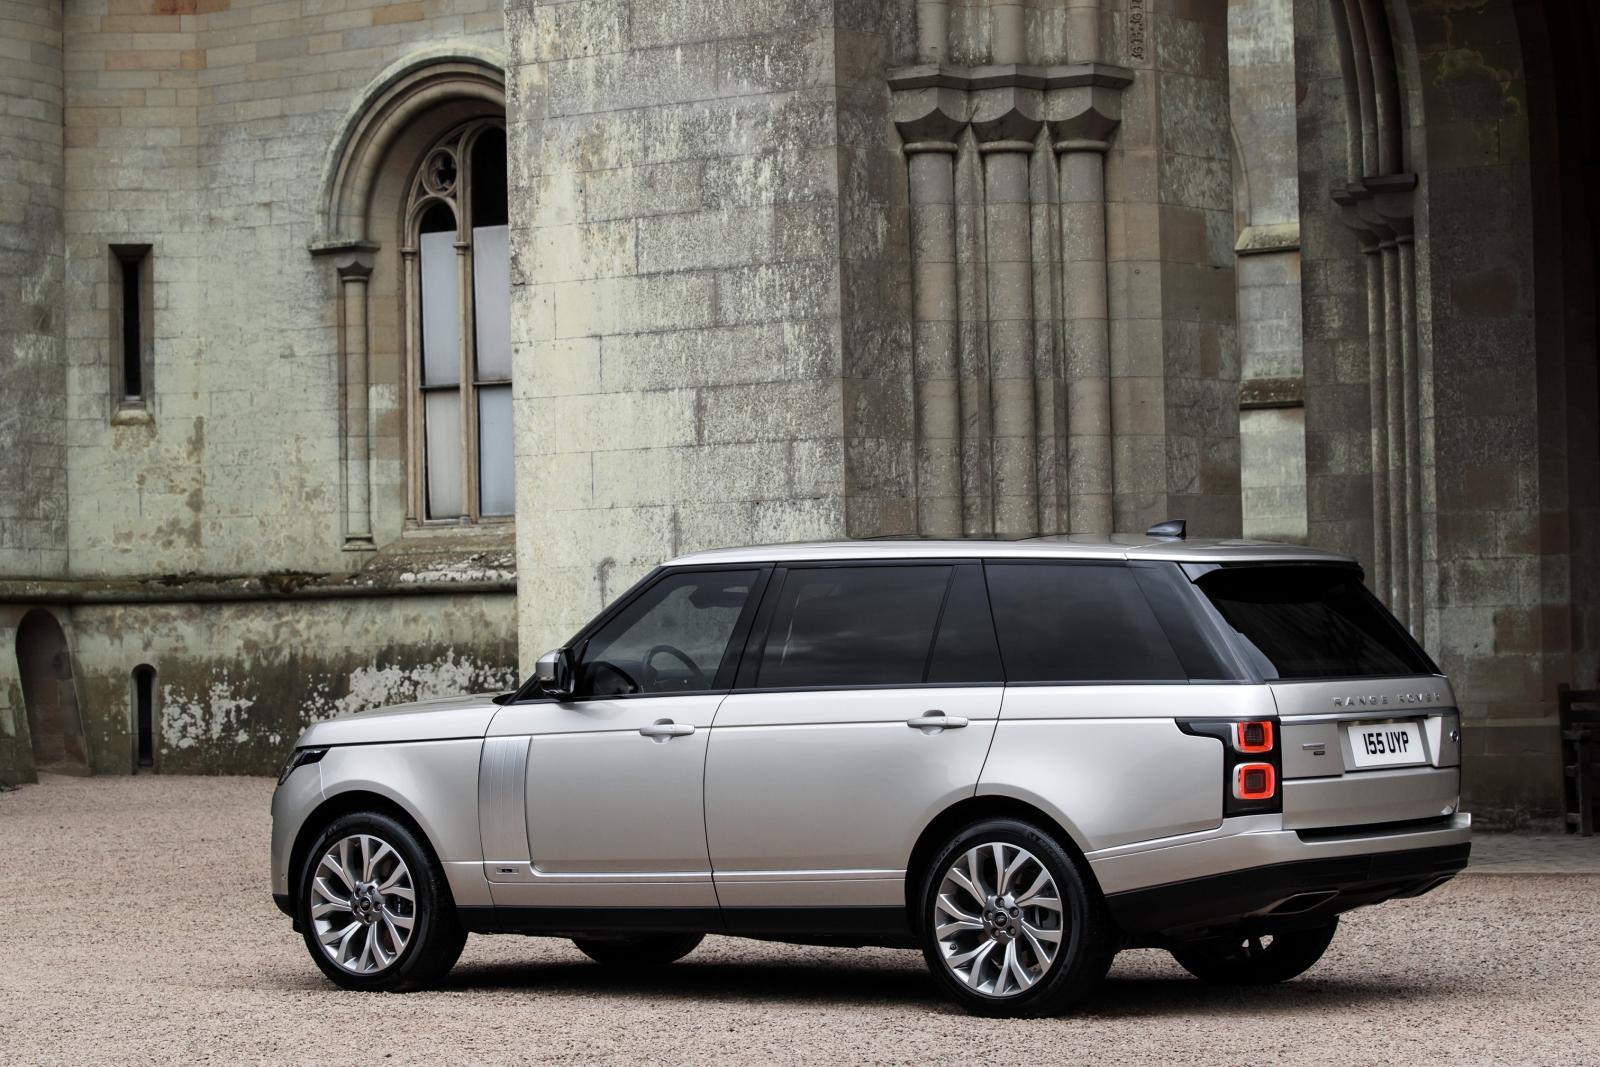 2018-facelift-Range-Rover- (14)